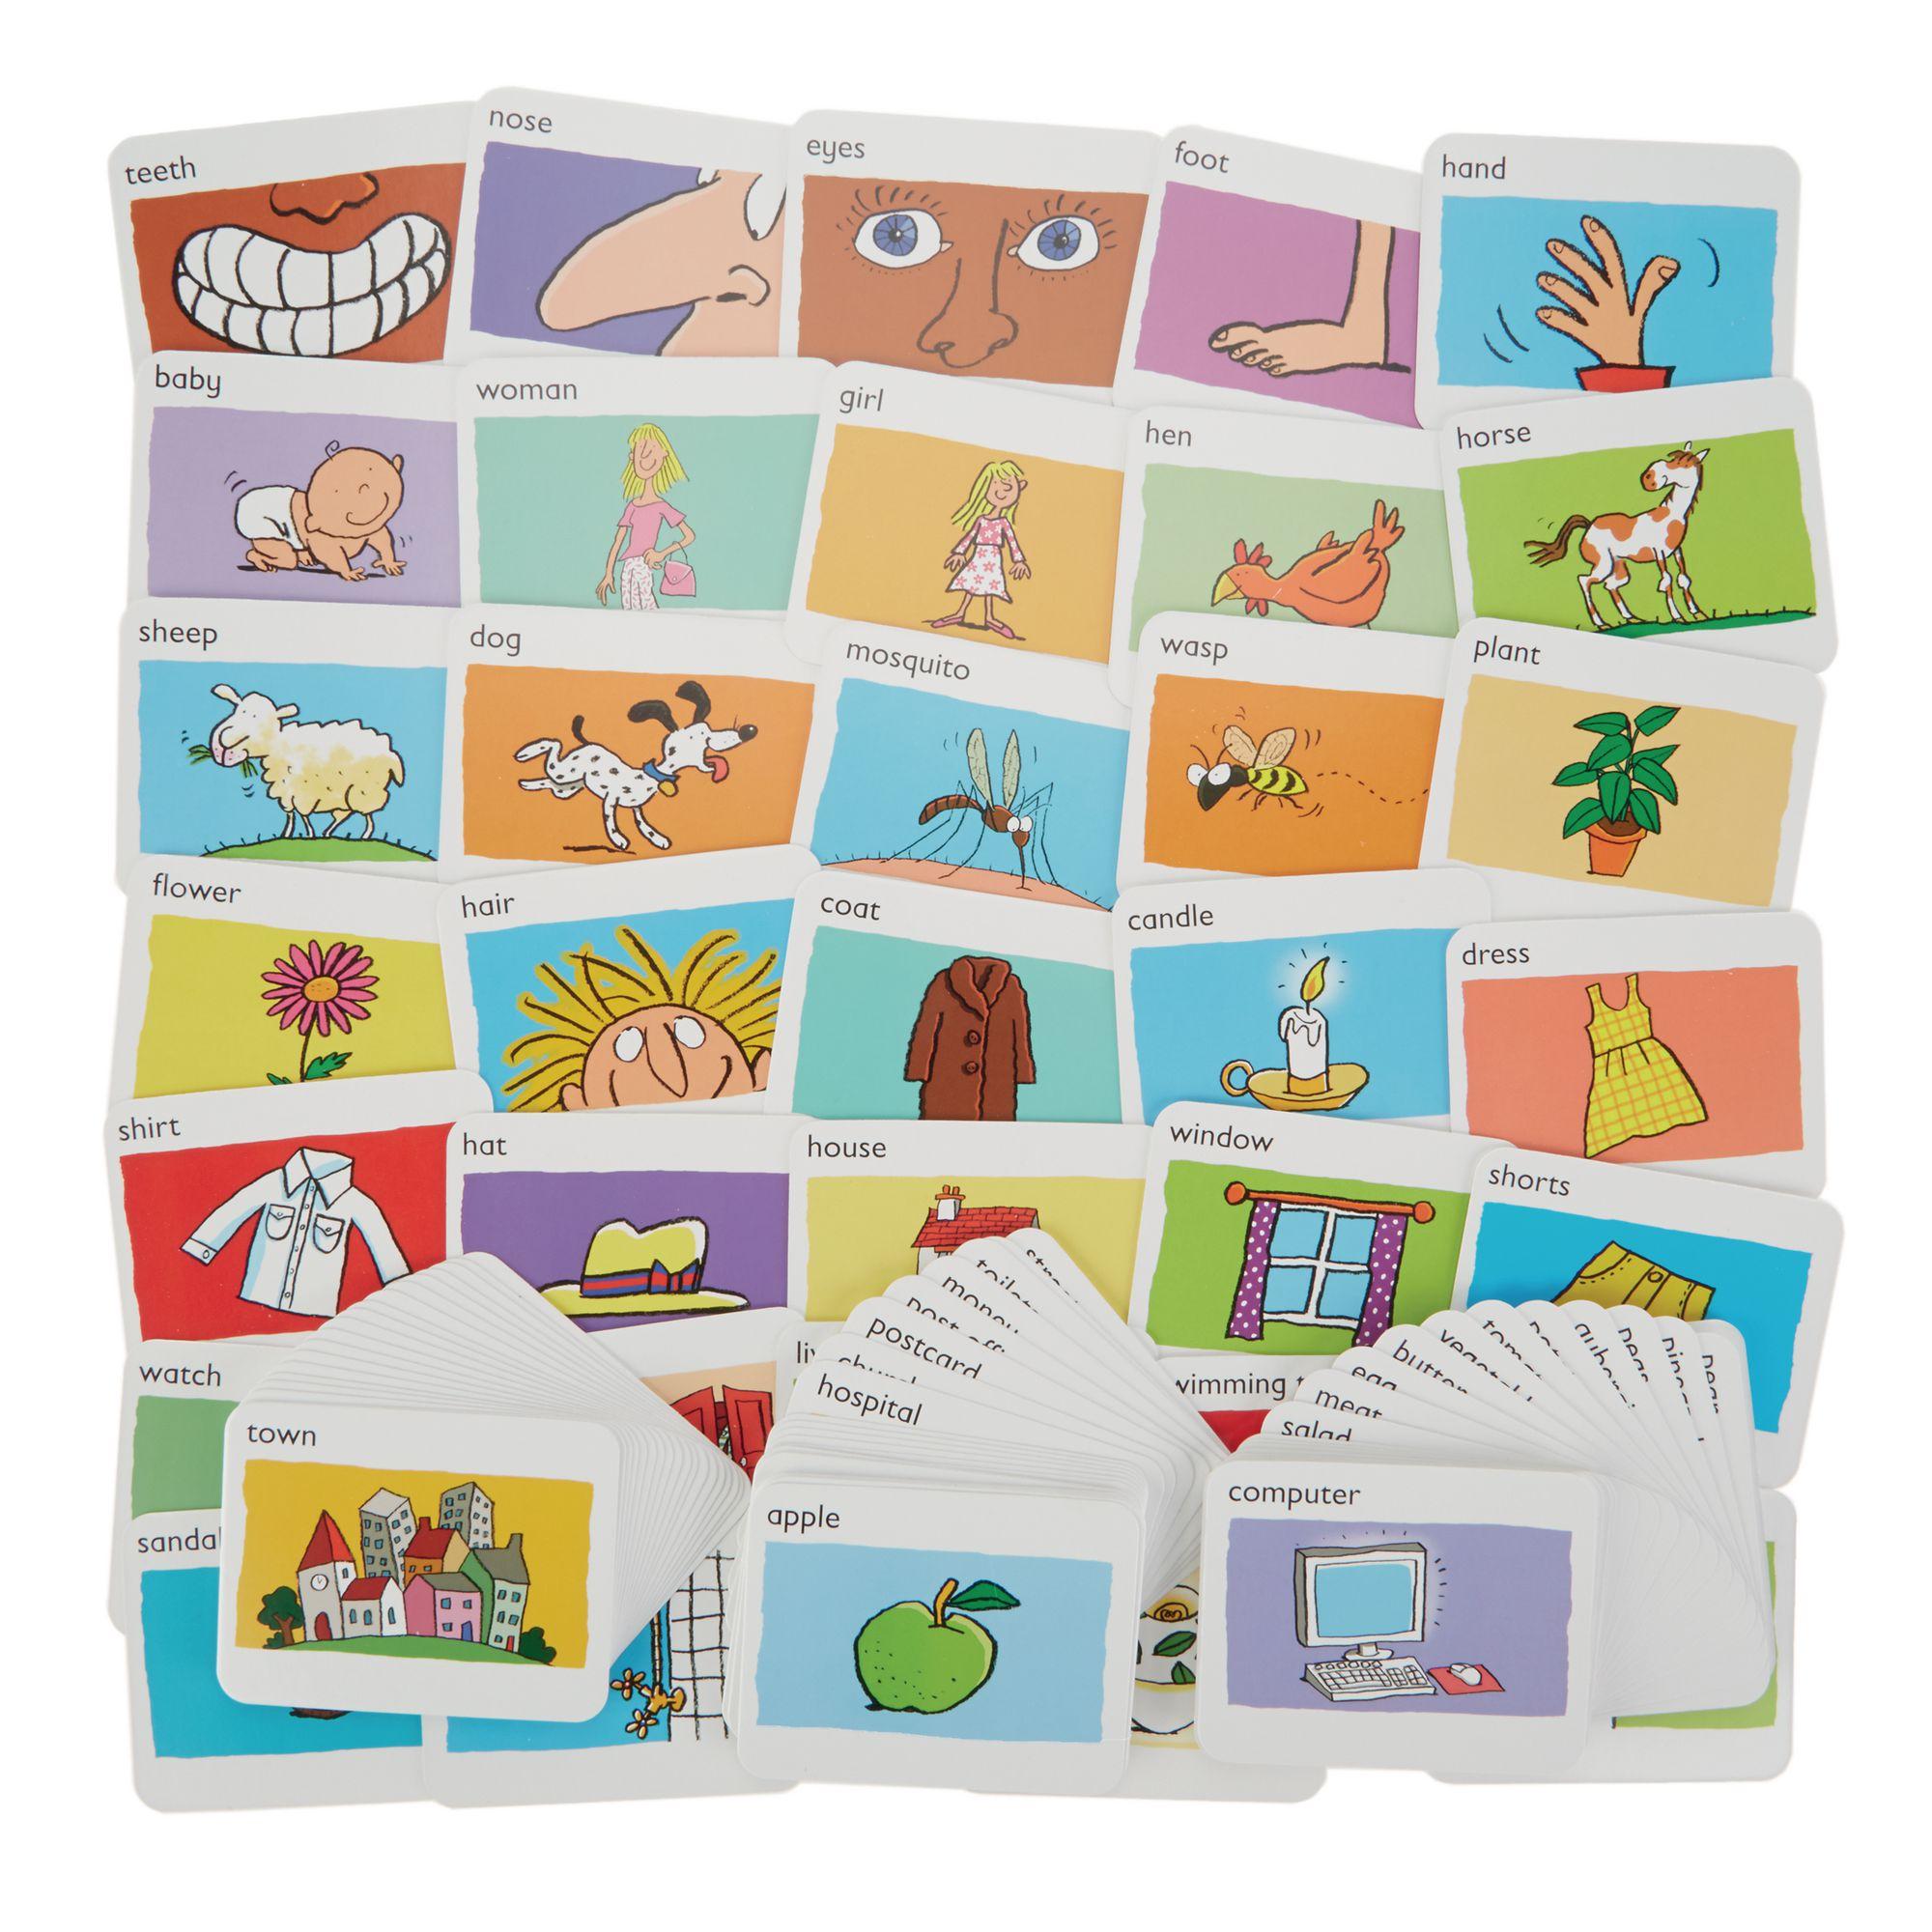 Flashcard cũng là một phương pháp học bảng chữ cái tiếng Anh được nhiều người sử dụng